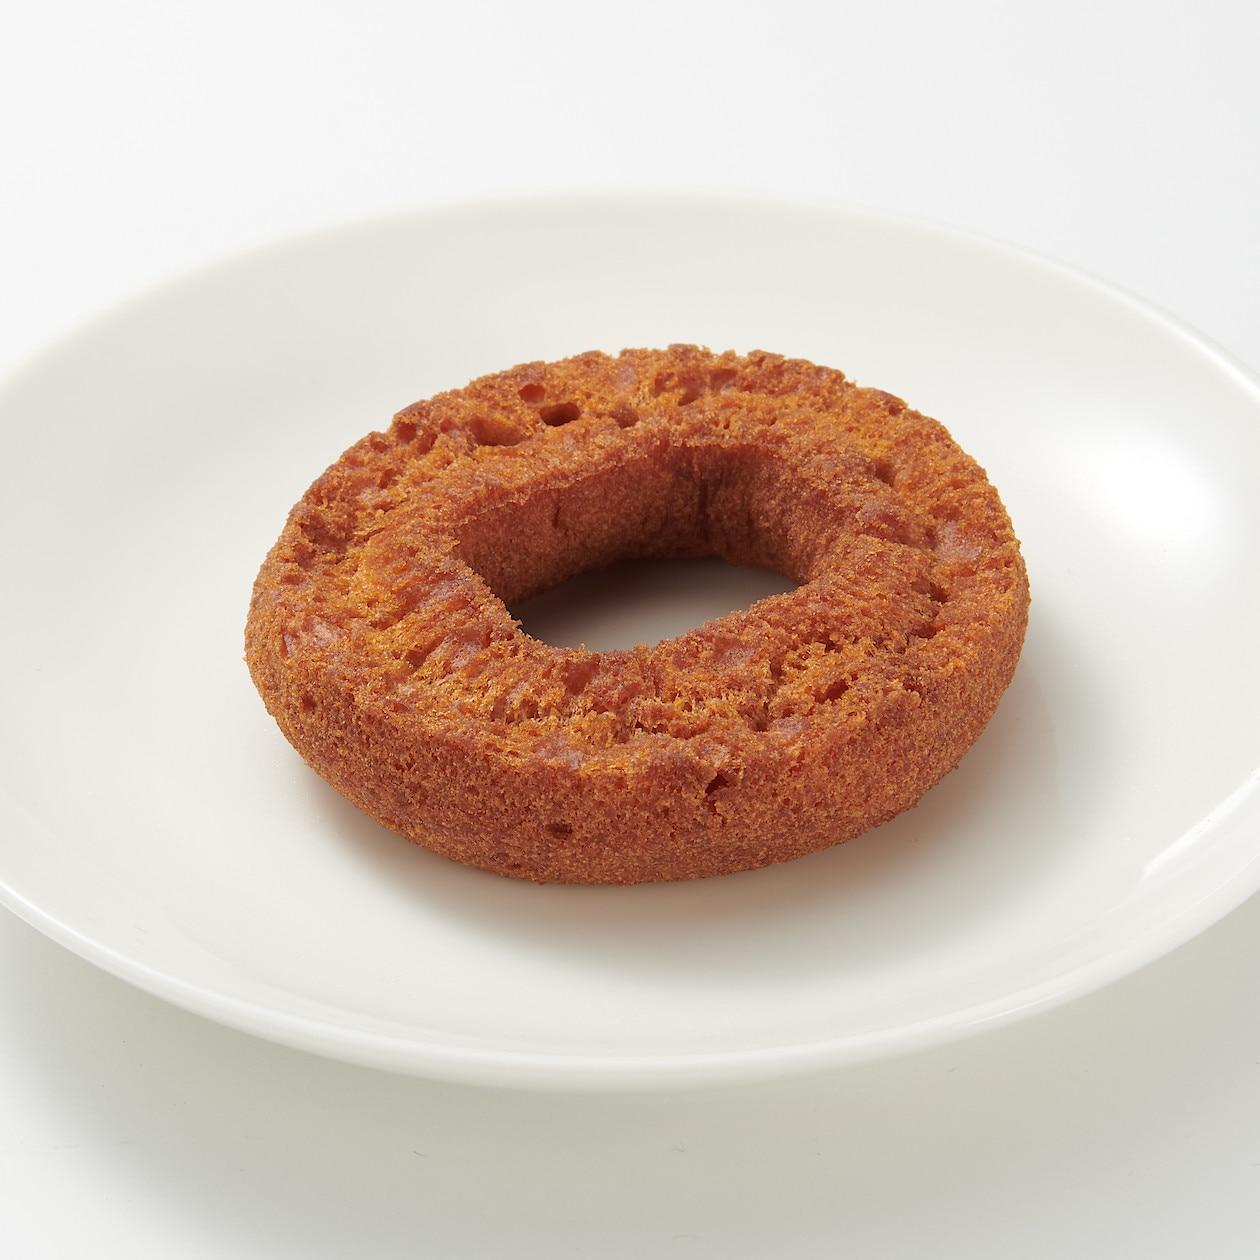 糖質10g以下のお菓子 キャラメルドーナツ